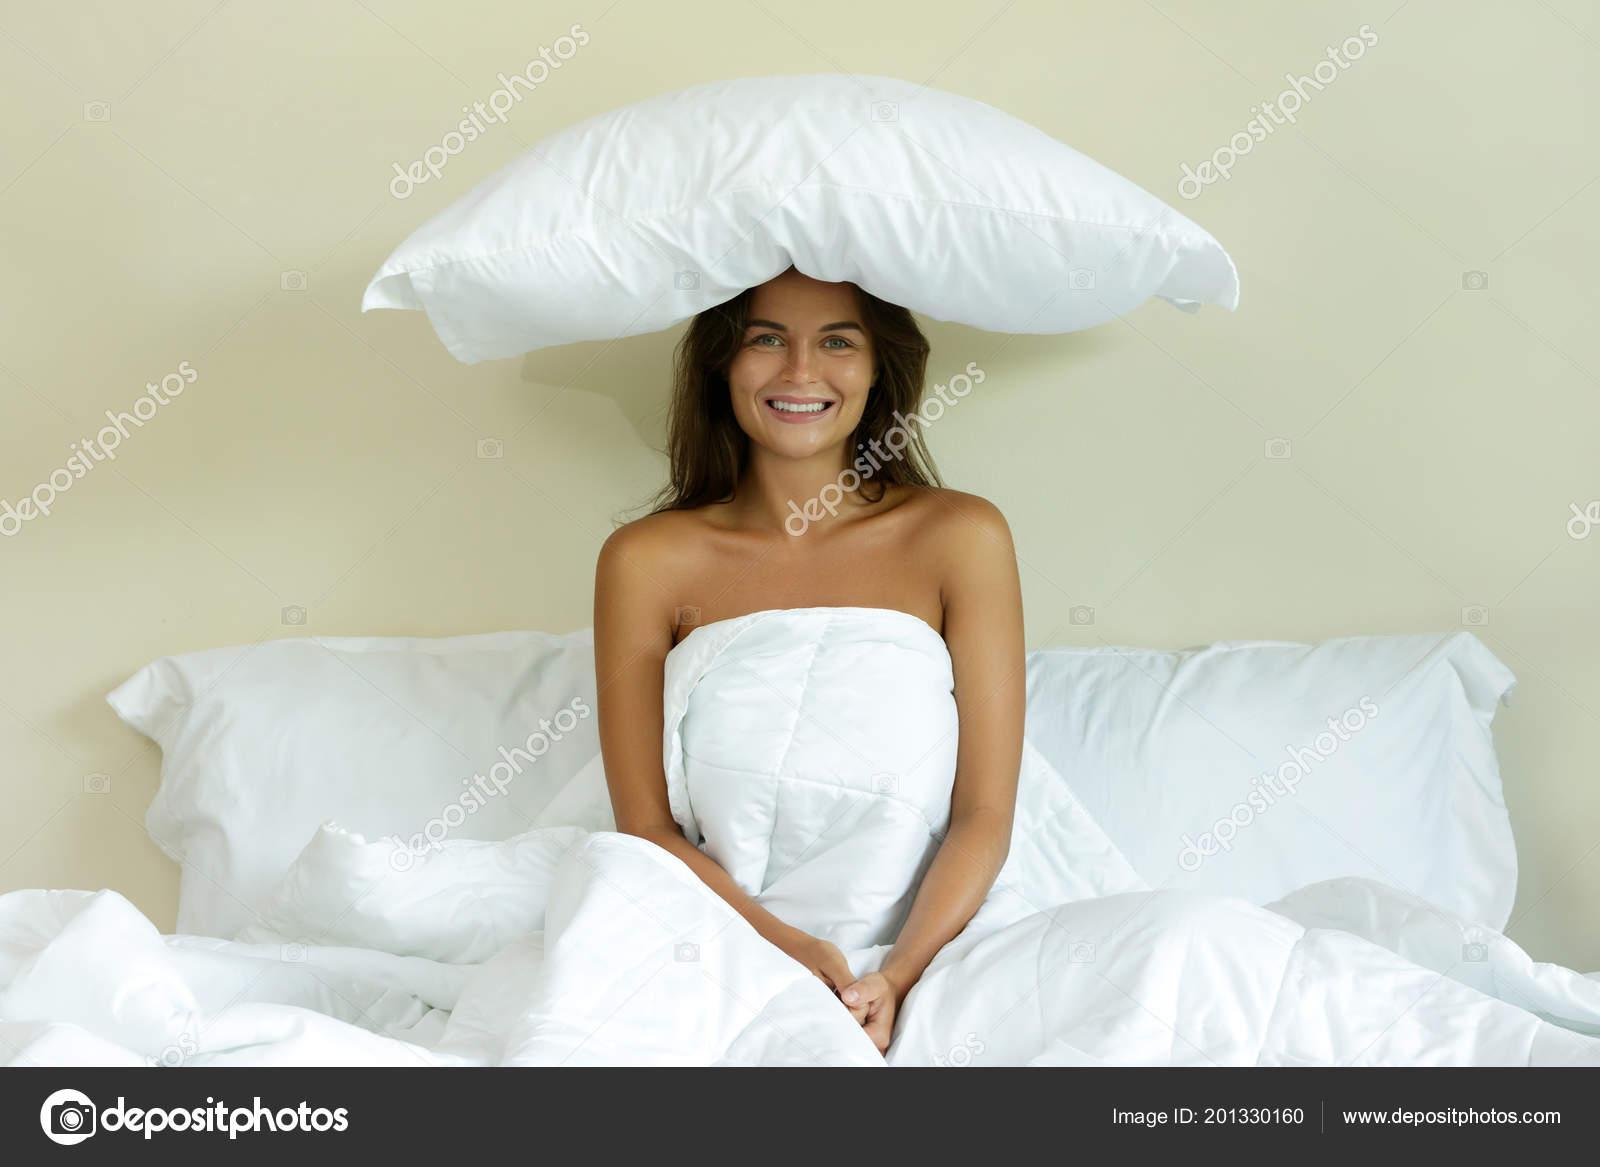 фото с подушкой на голове аниматроник очень интересный